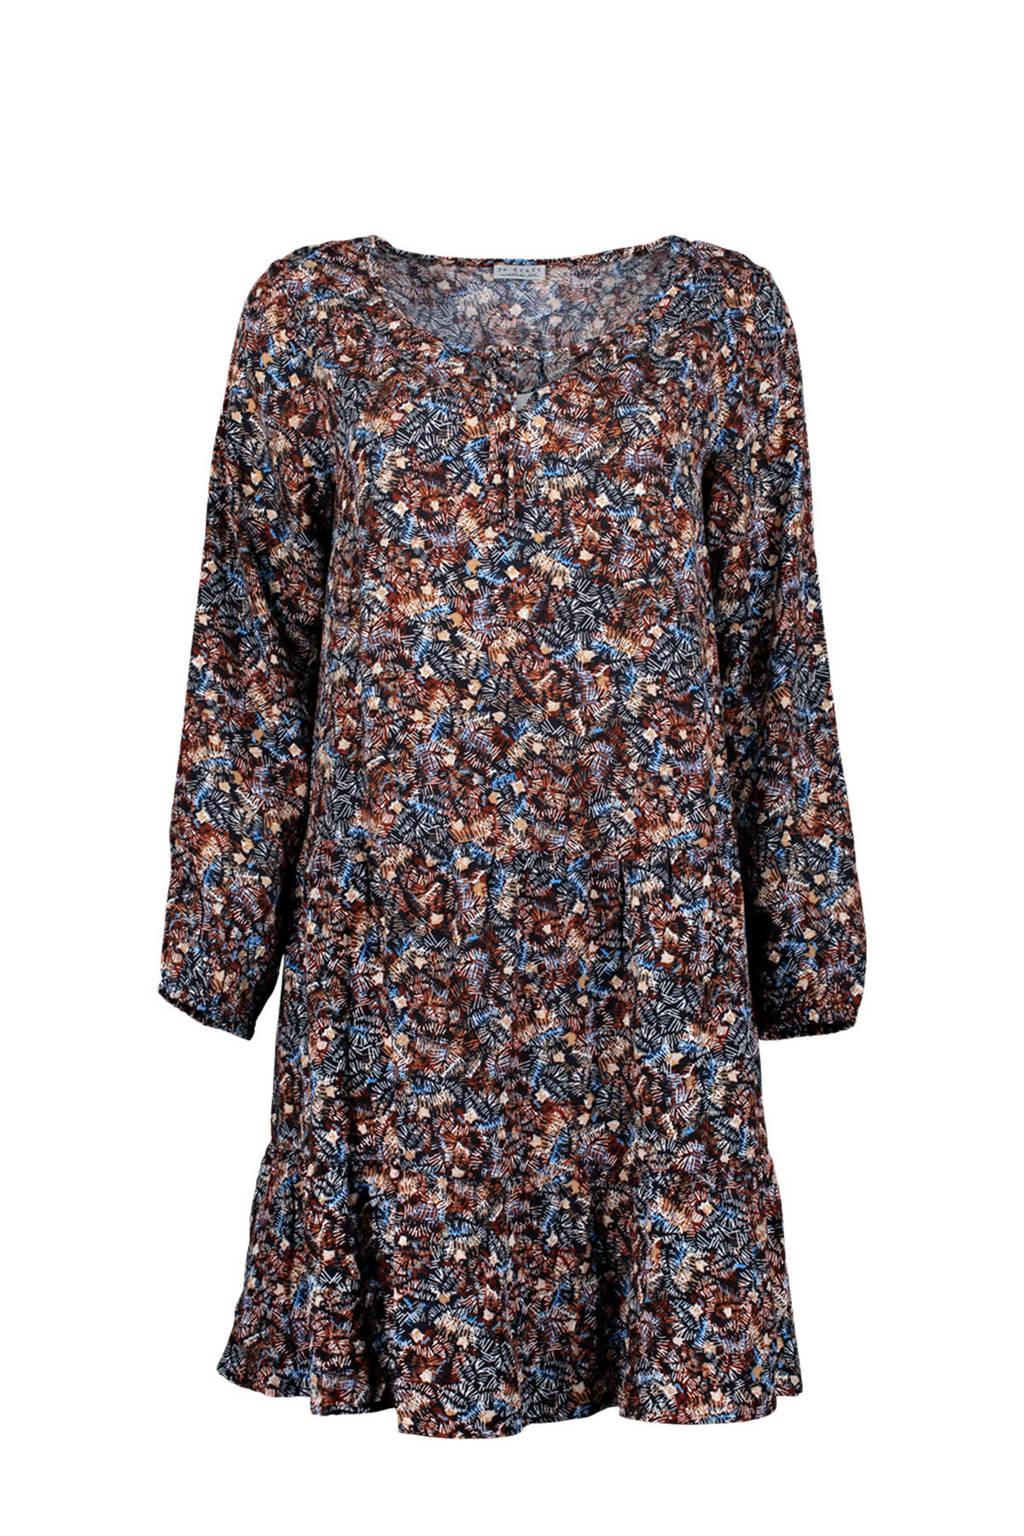 Re-Draft A-lijn jurk met all over print en volant zwart/blauw/donkerrood, Zwart/blauw/donkerrood